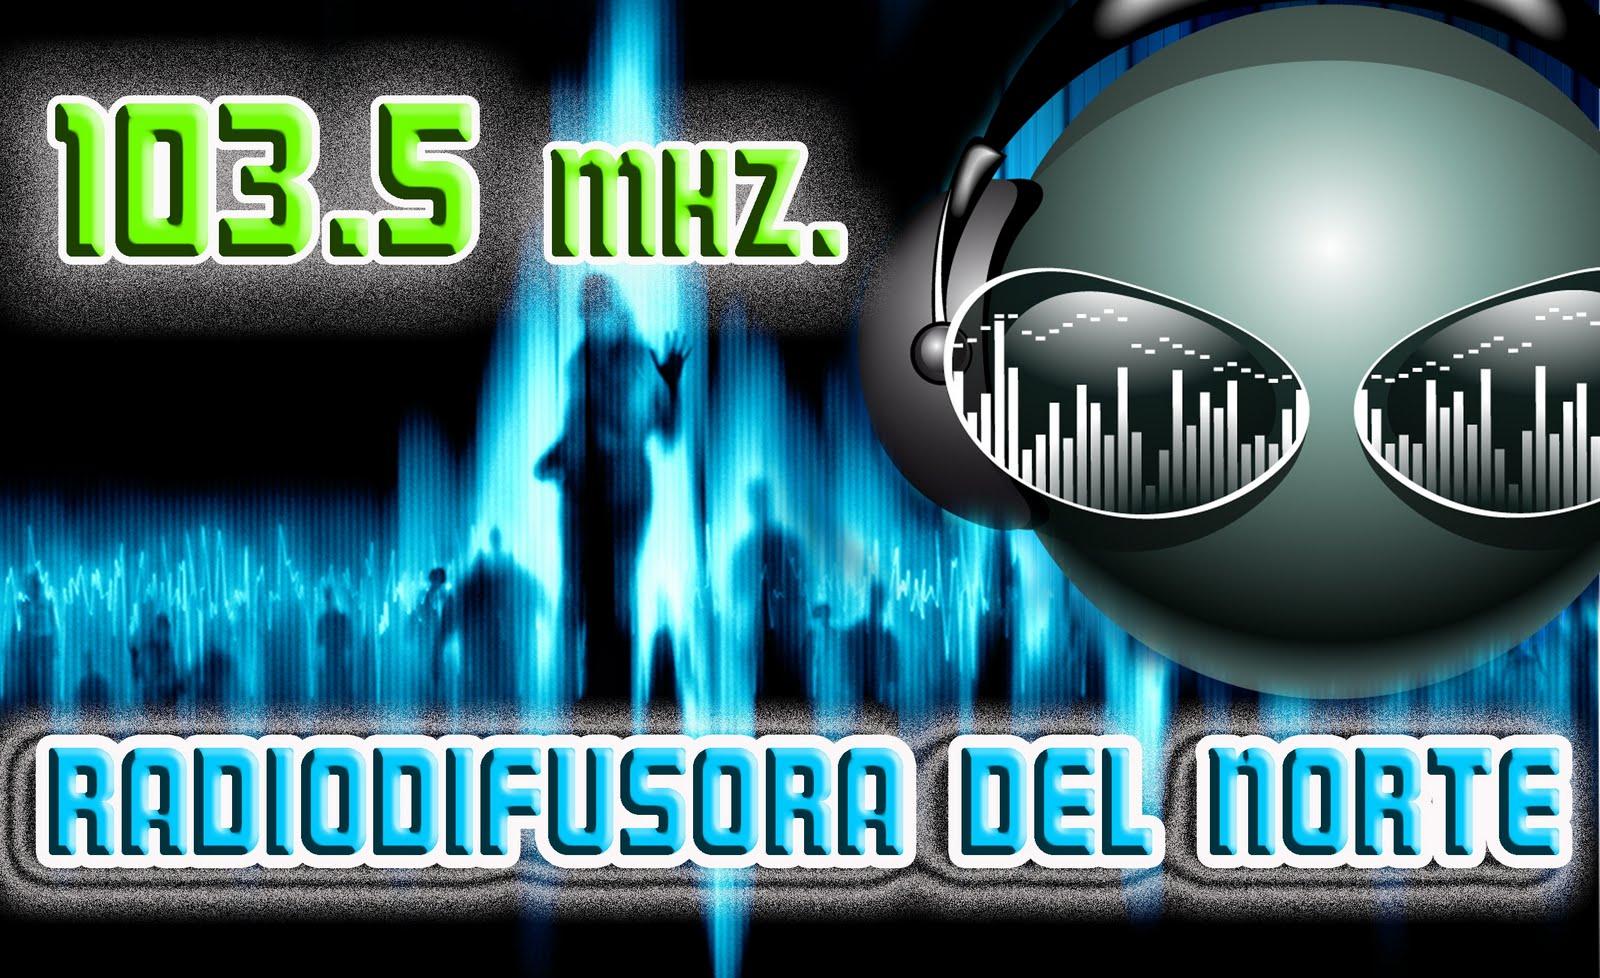 FM DEL NORTE 103.5 GANCEDO - CHACO